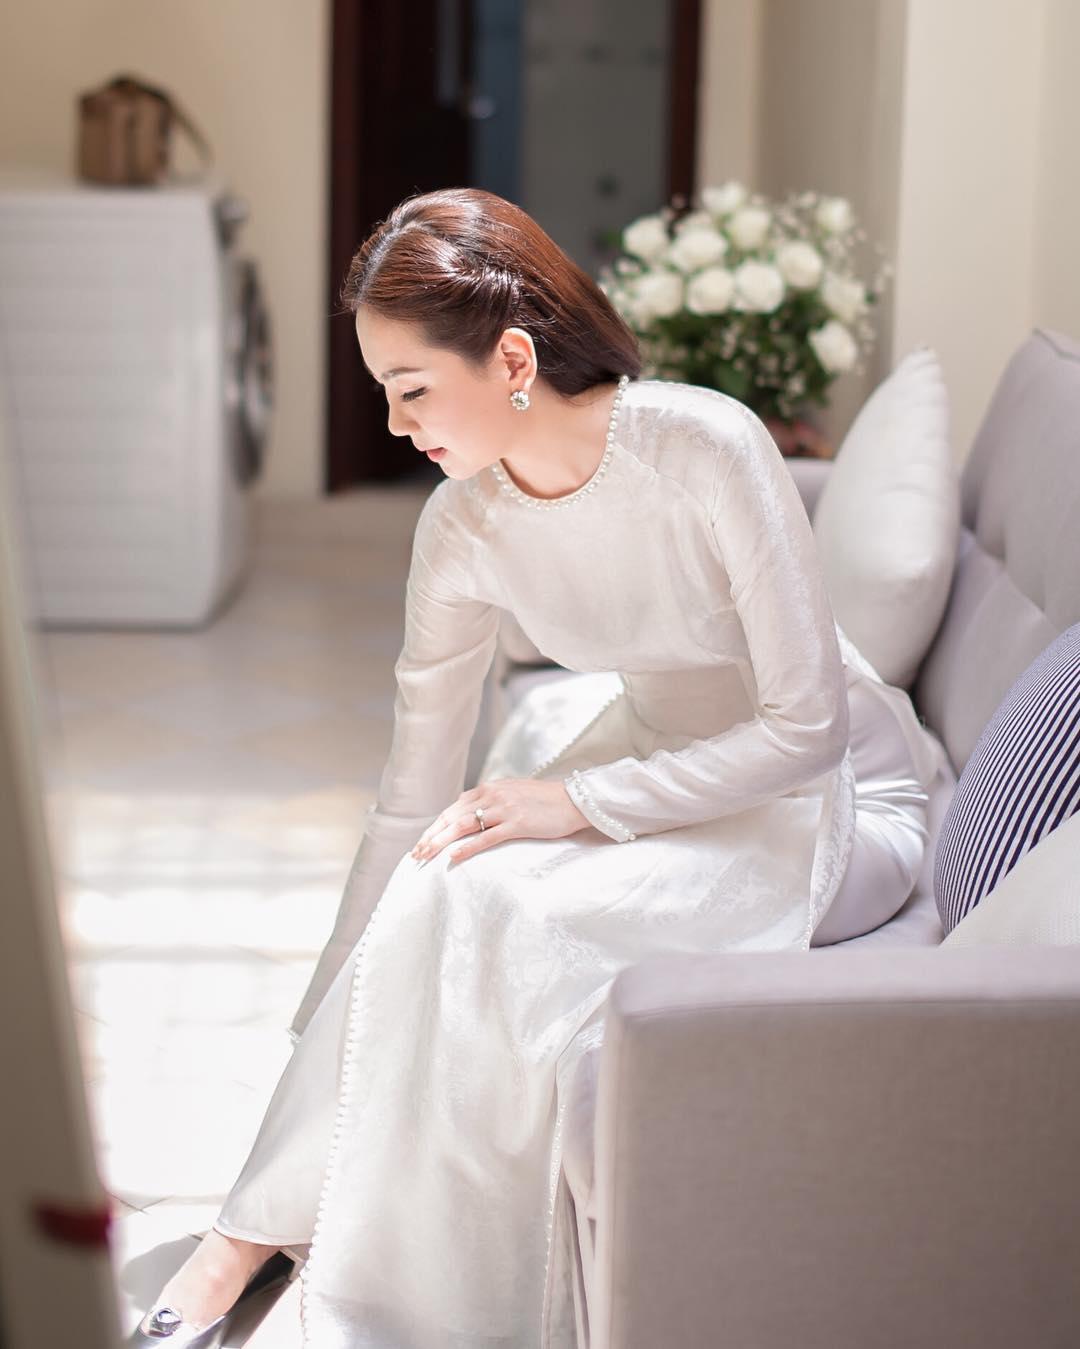 Màu sắc của áo dài đám hỏi đơn giản Marry